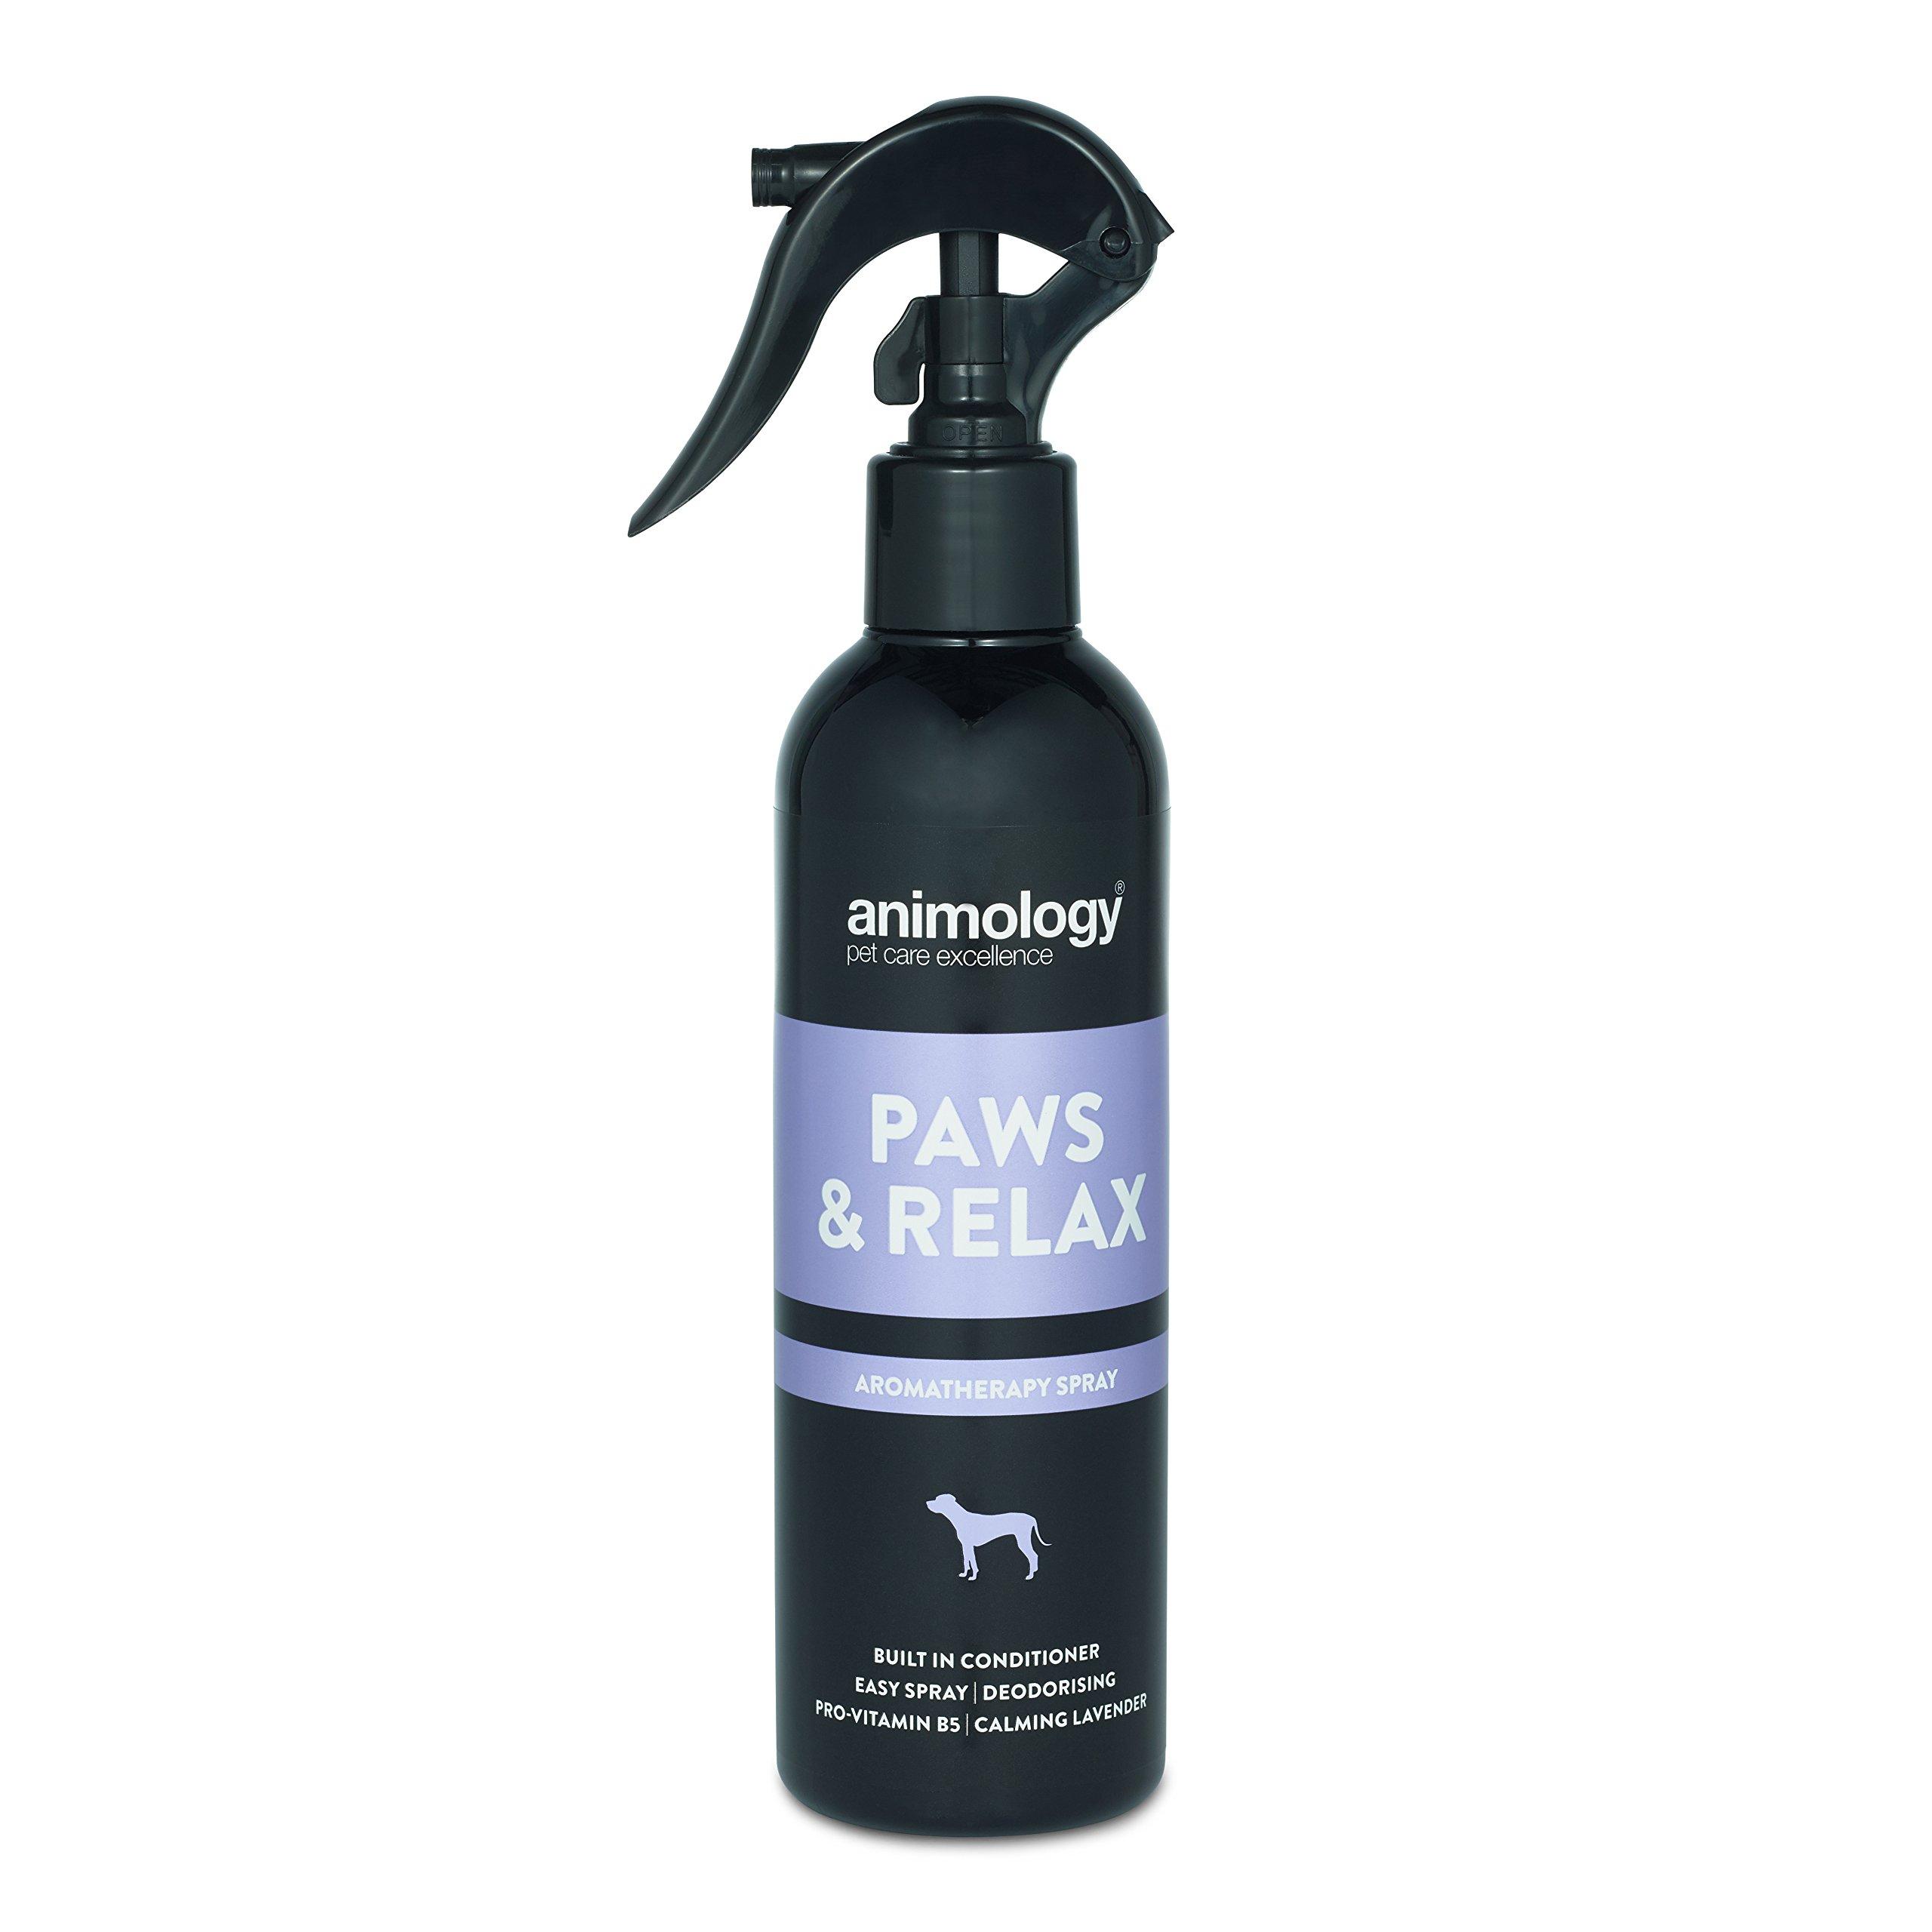 Animology Paws & Relax Aromatherapy Spray, 250 ml by Animology